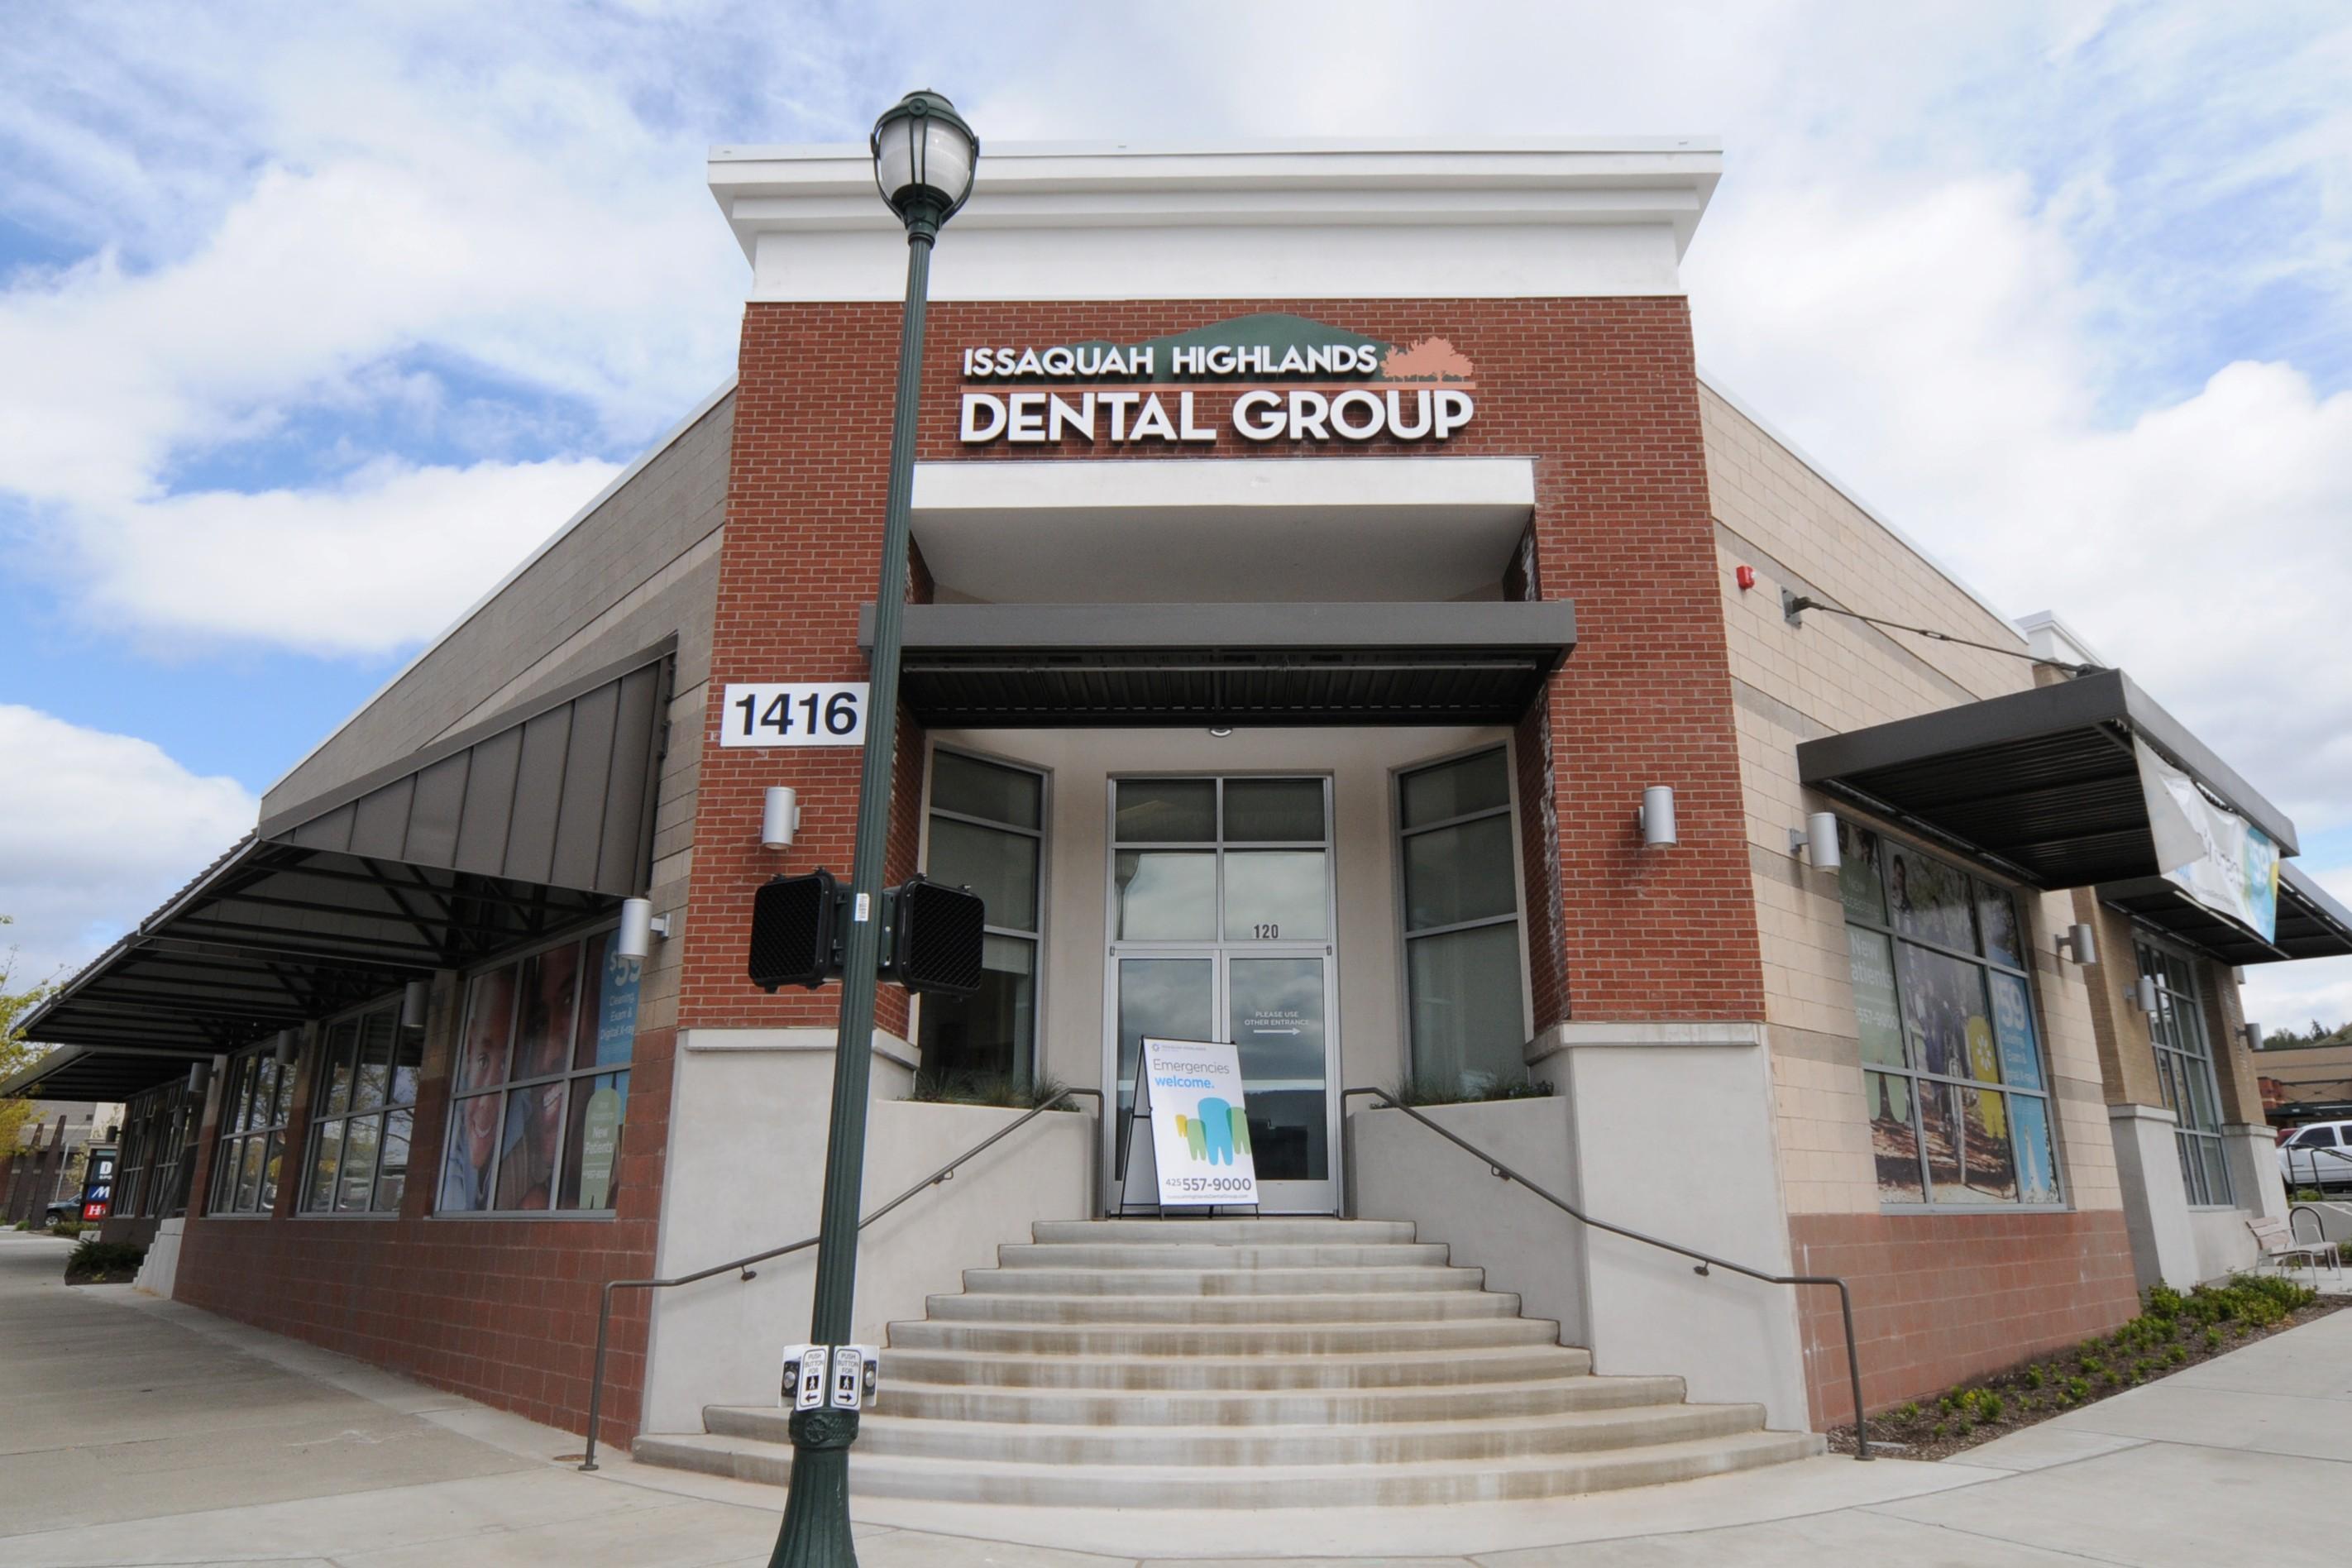 Issaquah Highlands Dental Group image 2